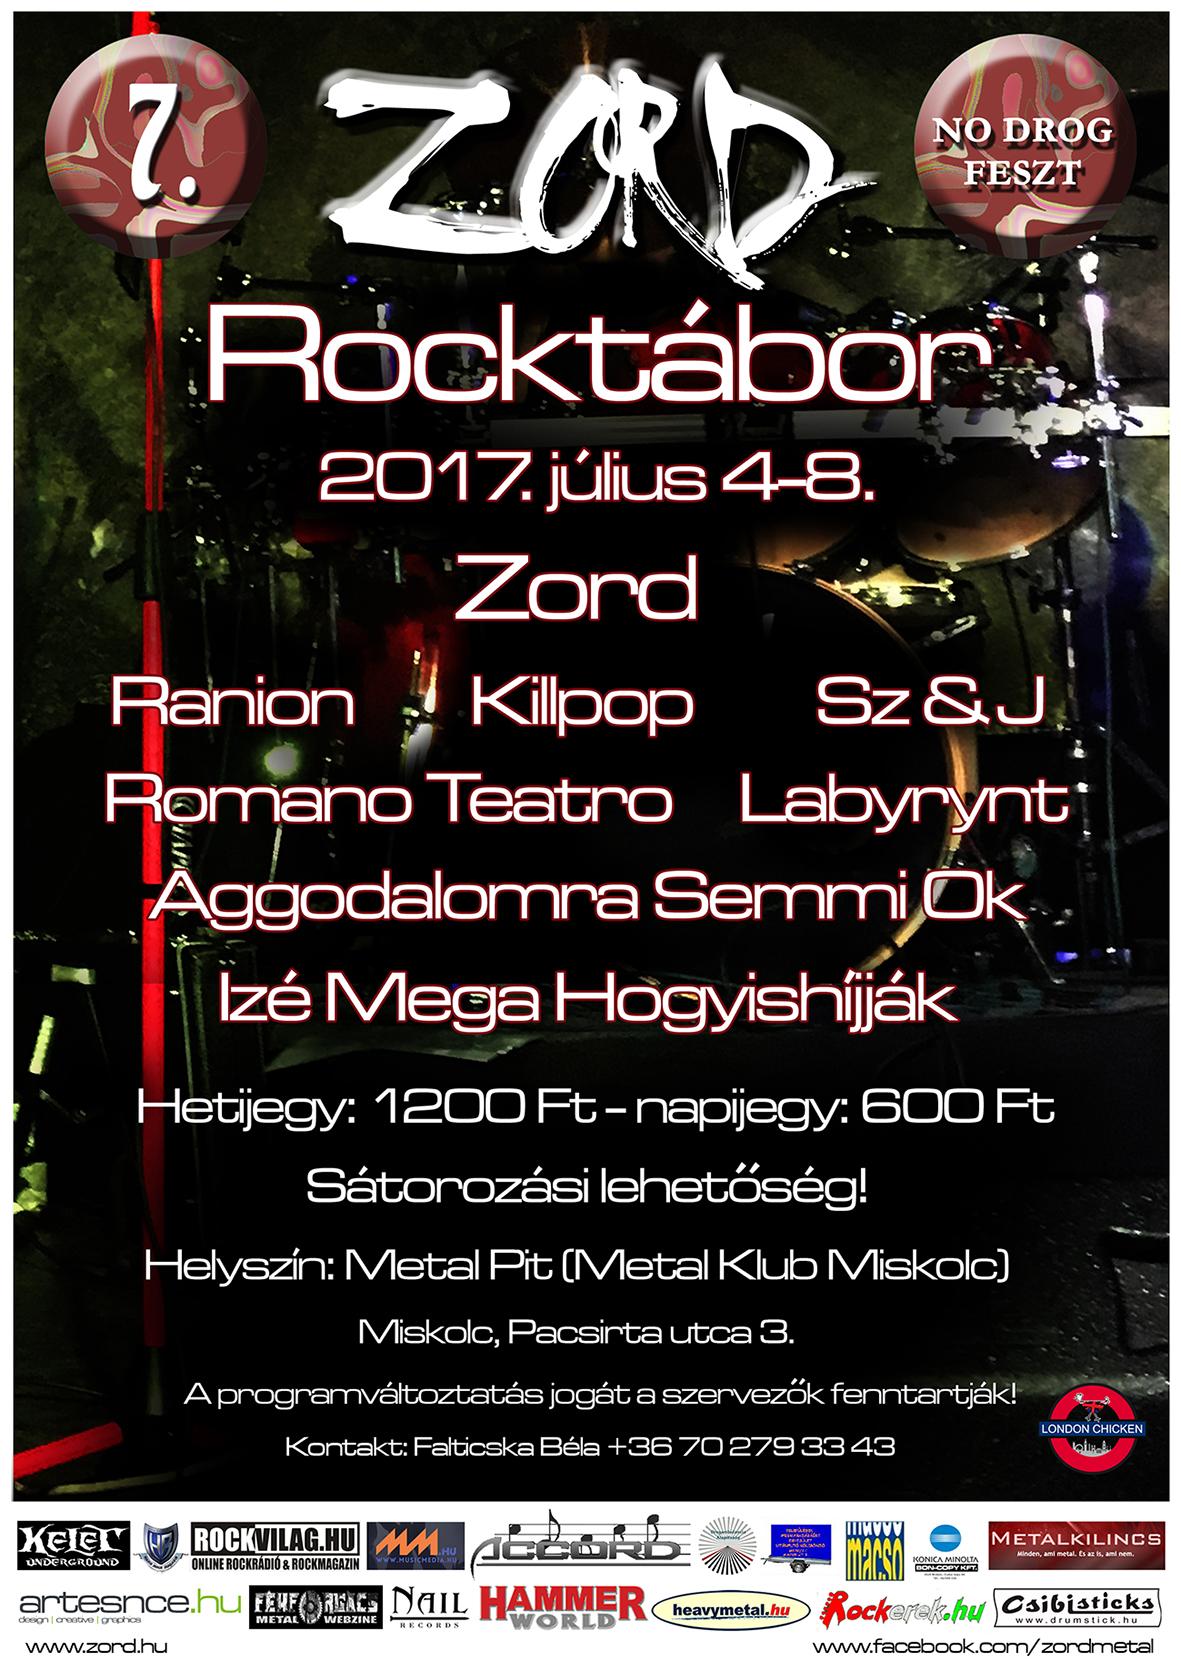 20170704-08_zord_rocktabor_miskolc.jpg